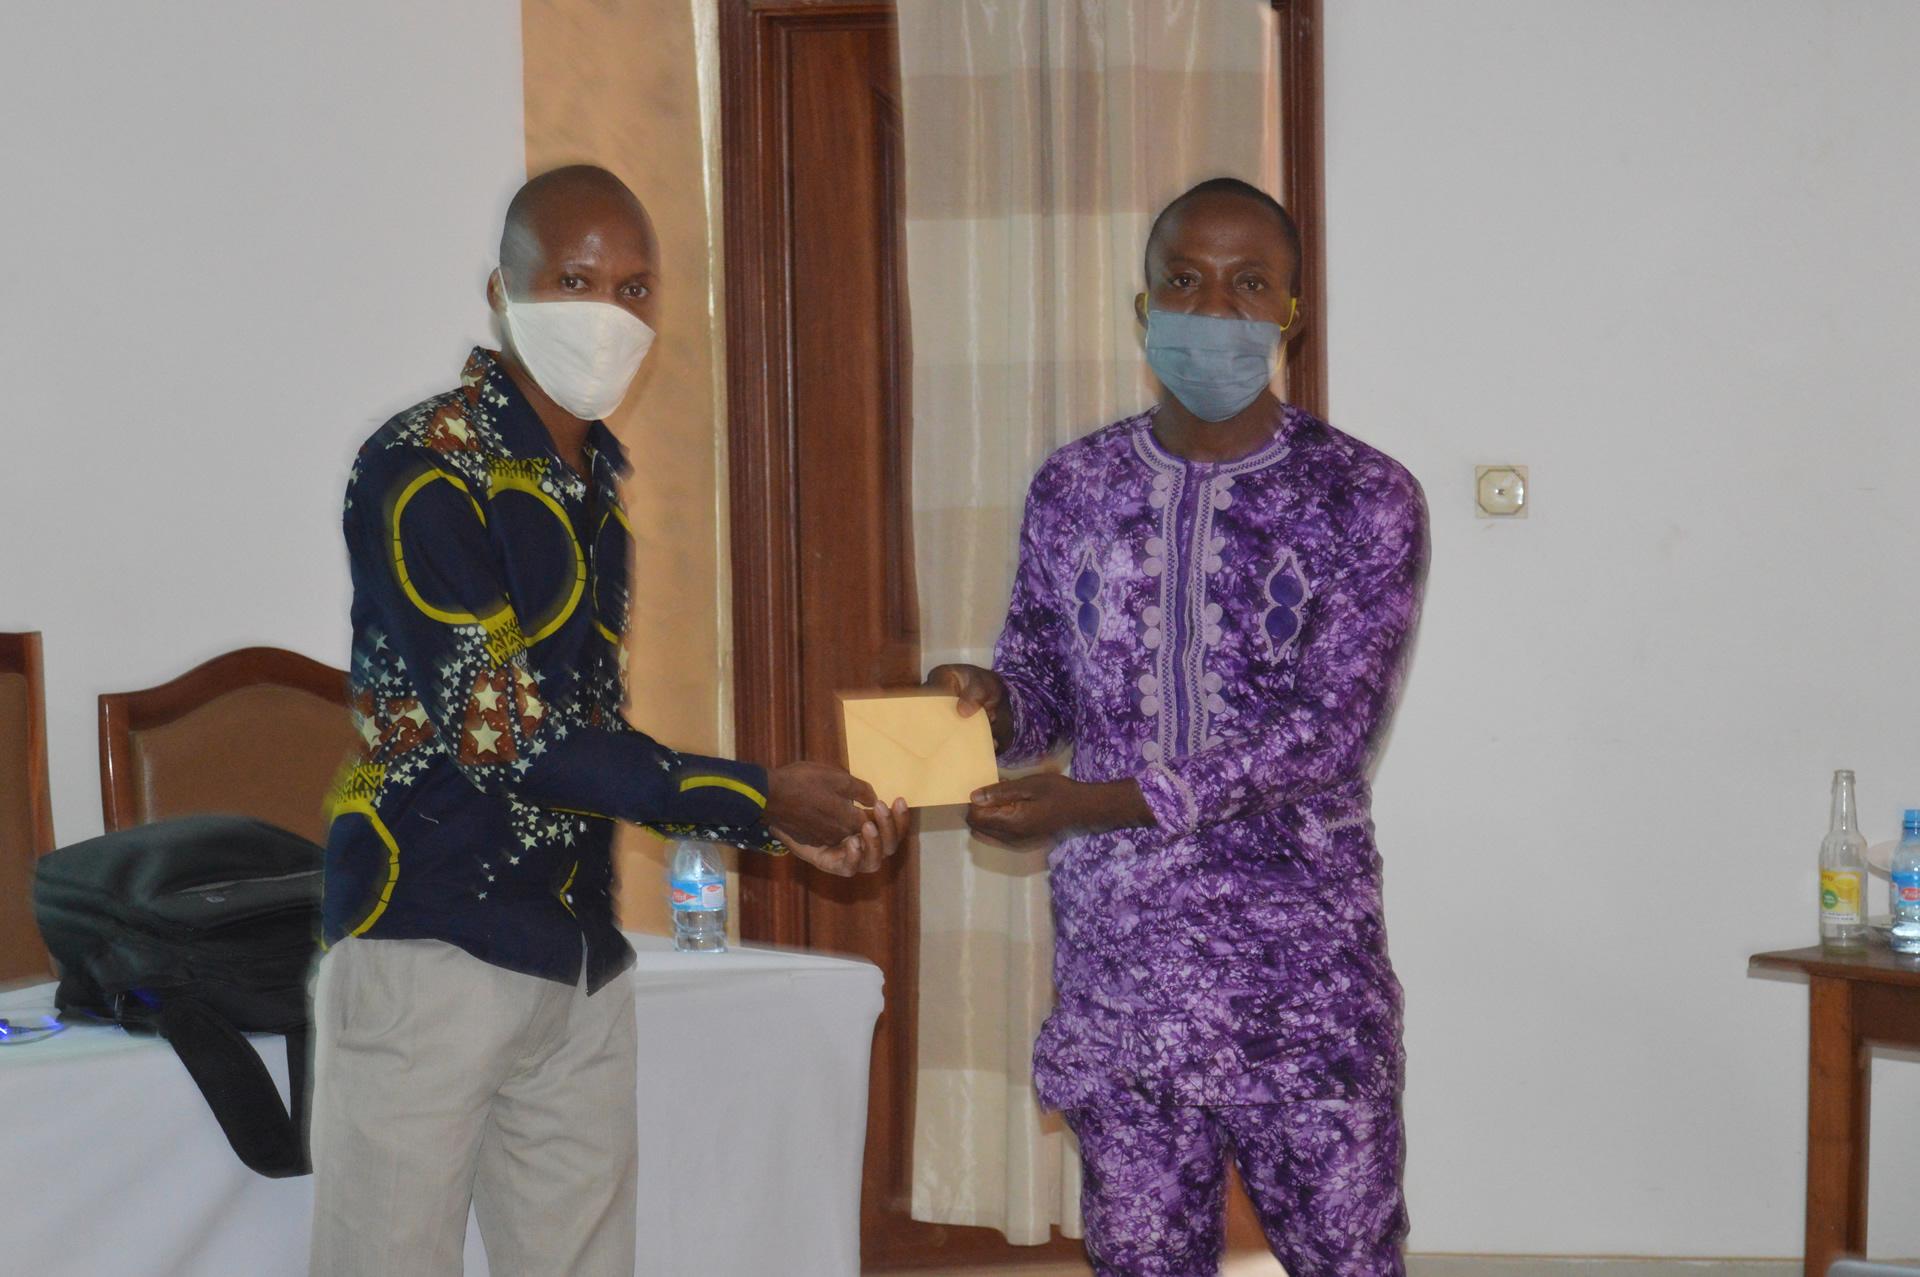 Sanitation Service Delivery : Des artisans partenaires performants récompensés pour la qualité de leurs produits à l'issue d'une supervision évaluative